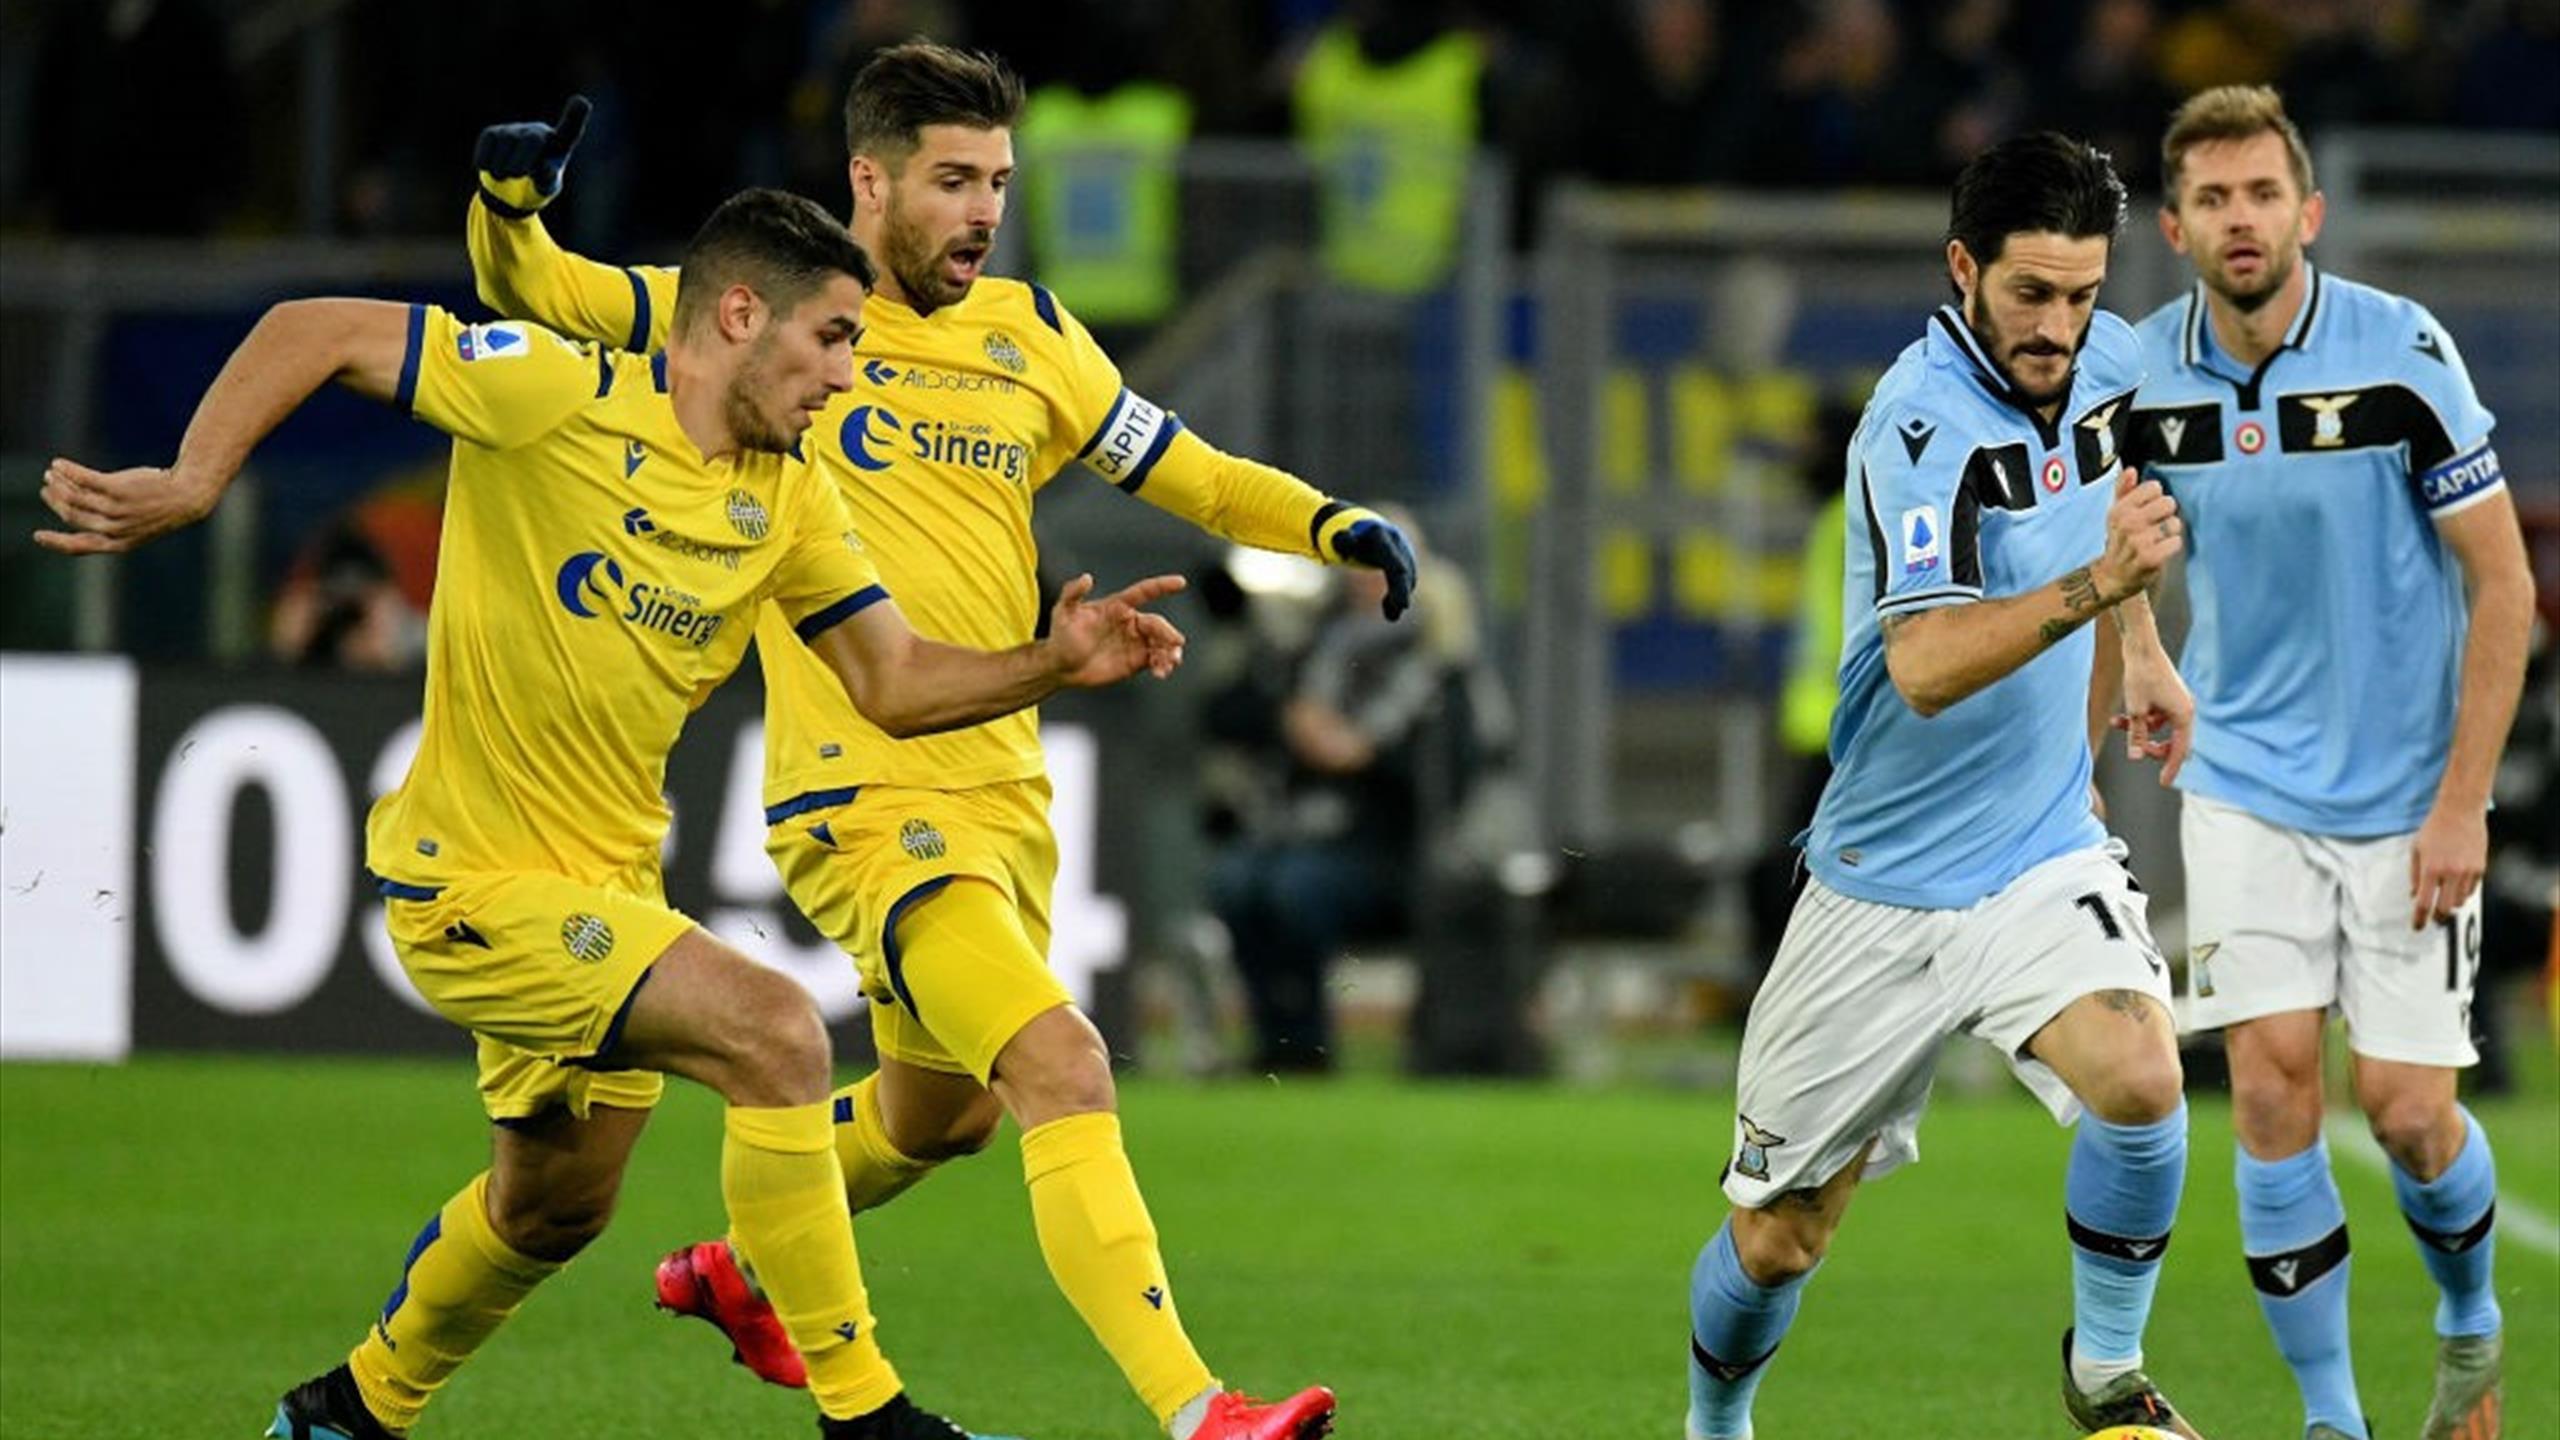 Le pagelle di Lazio-Verona 0-0: Luis Alberto ispirato e ...